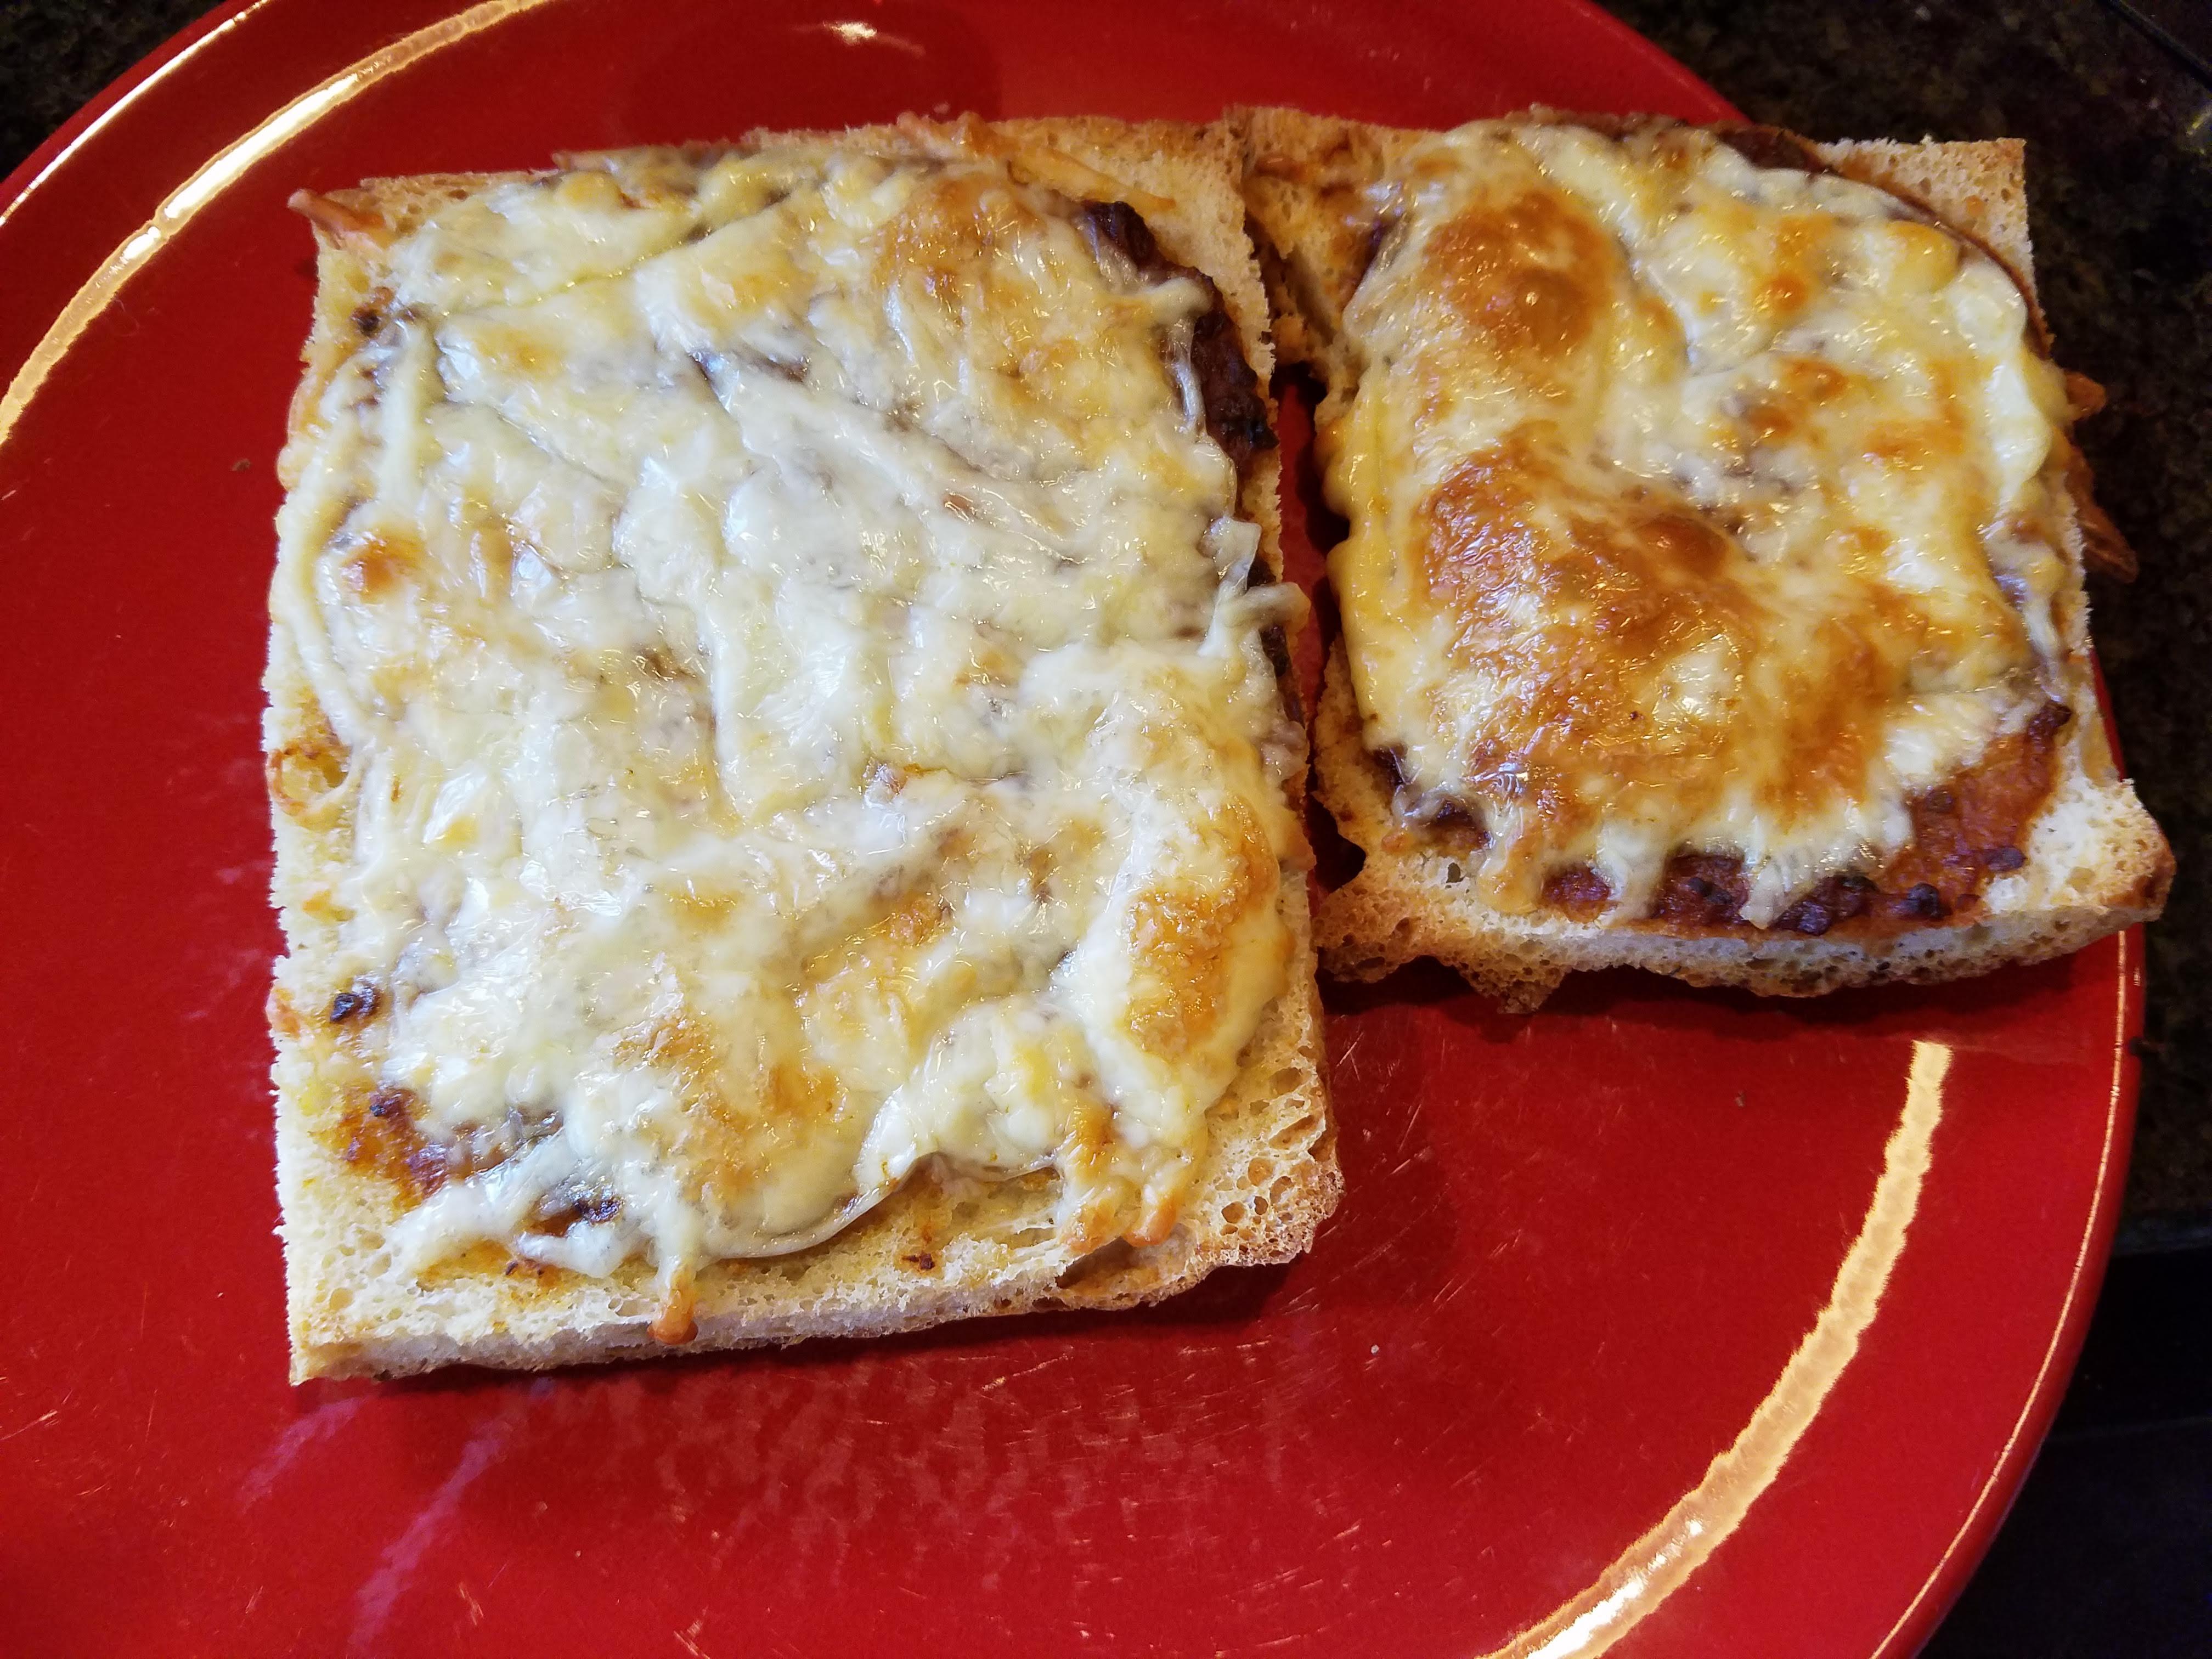 flatbread pizza, cheese pizza, focaccia bread pizza